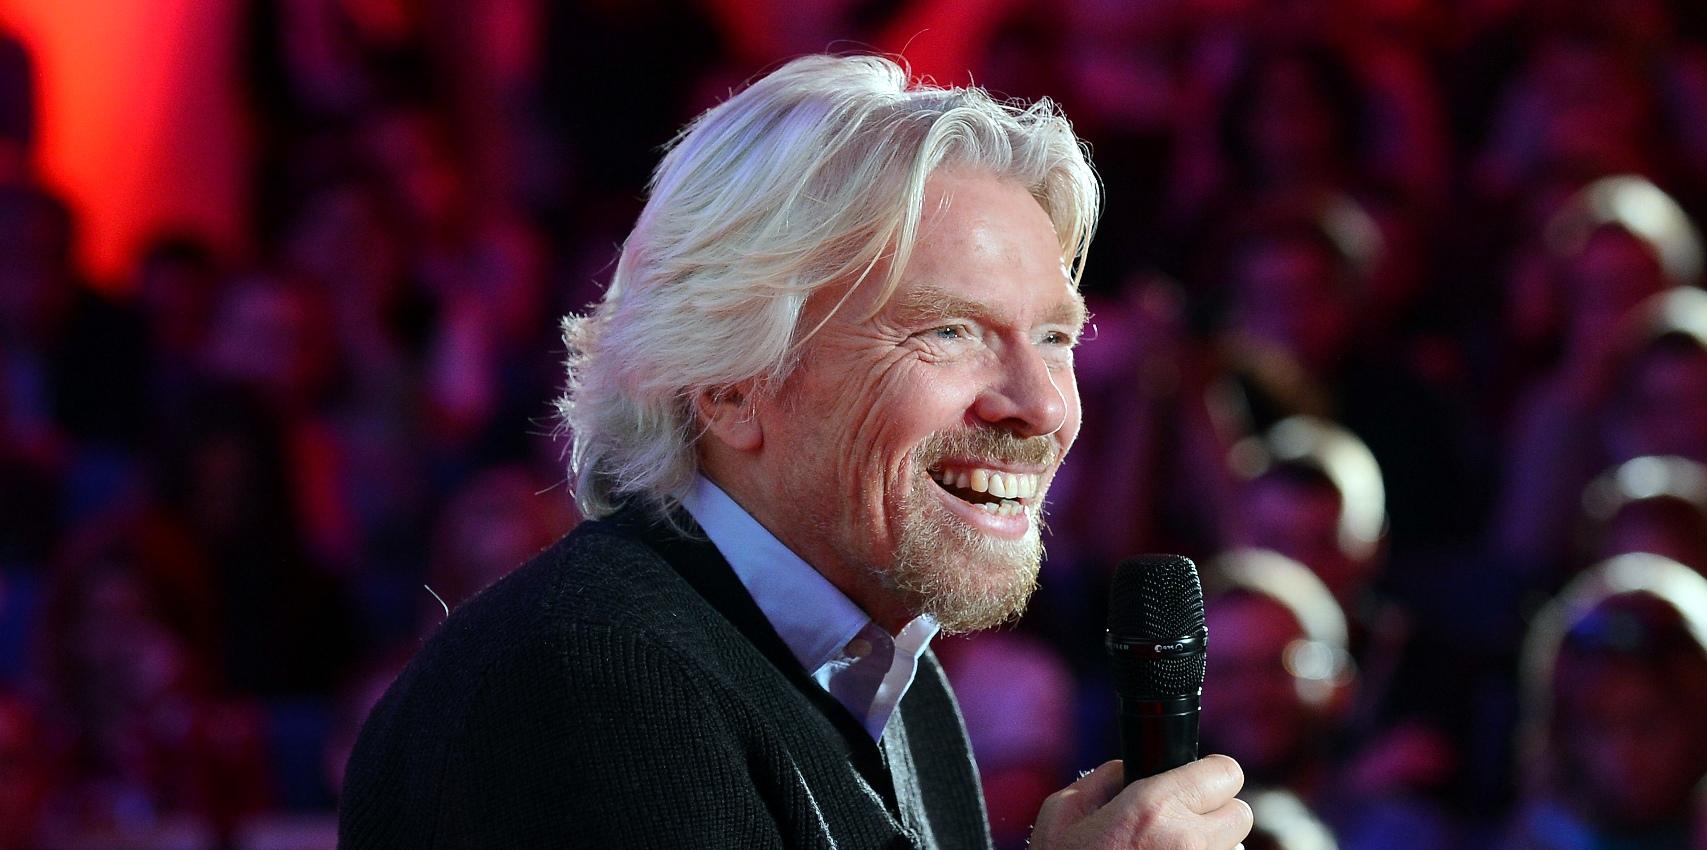 Как найти наставника в бизнесе. Руководство от Ричарда Брэнсона: независимо от того, насколько блестяще продумана концепция вашего бизнеса, вам все равно необходим наставник